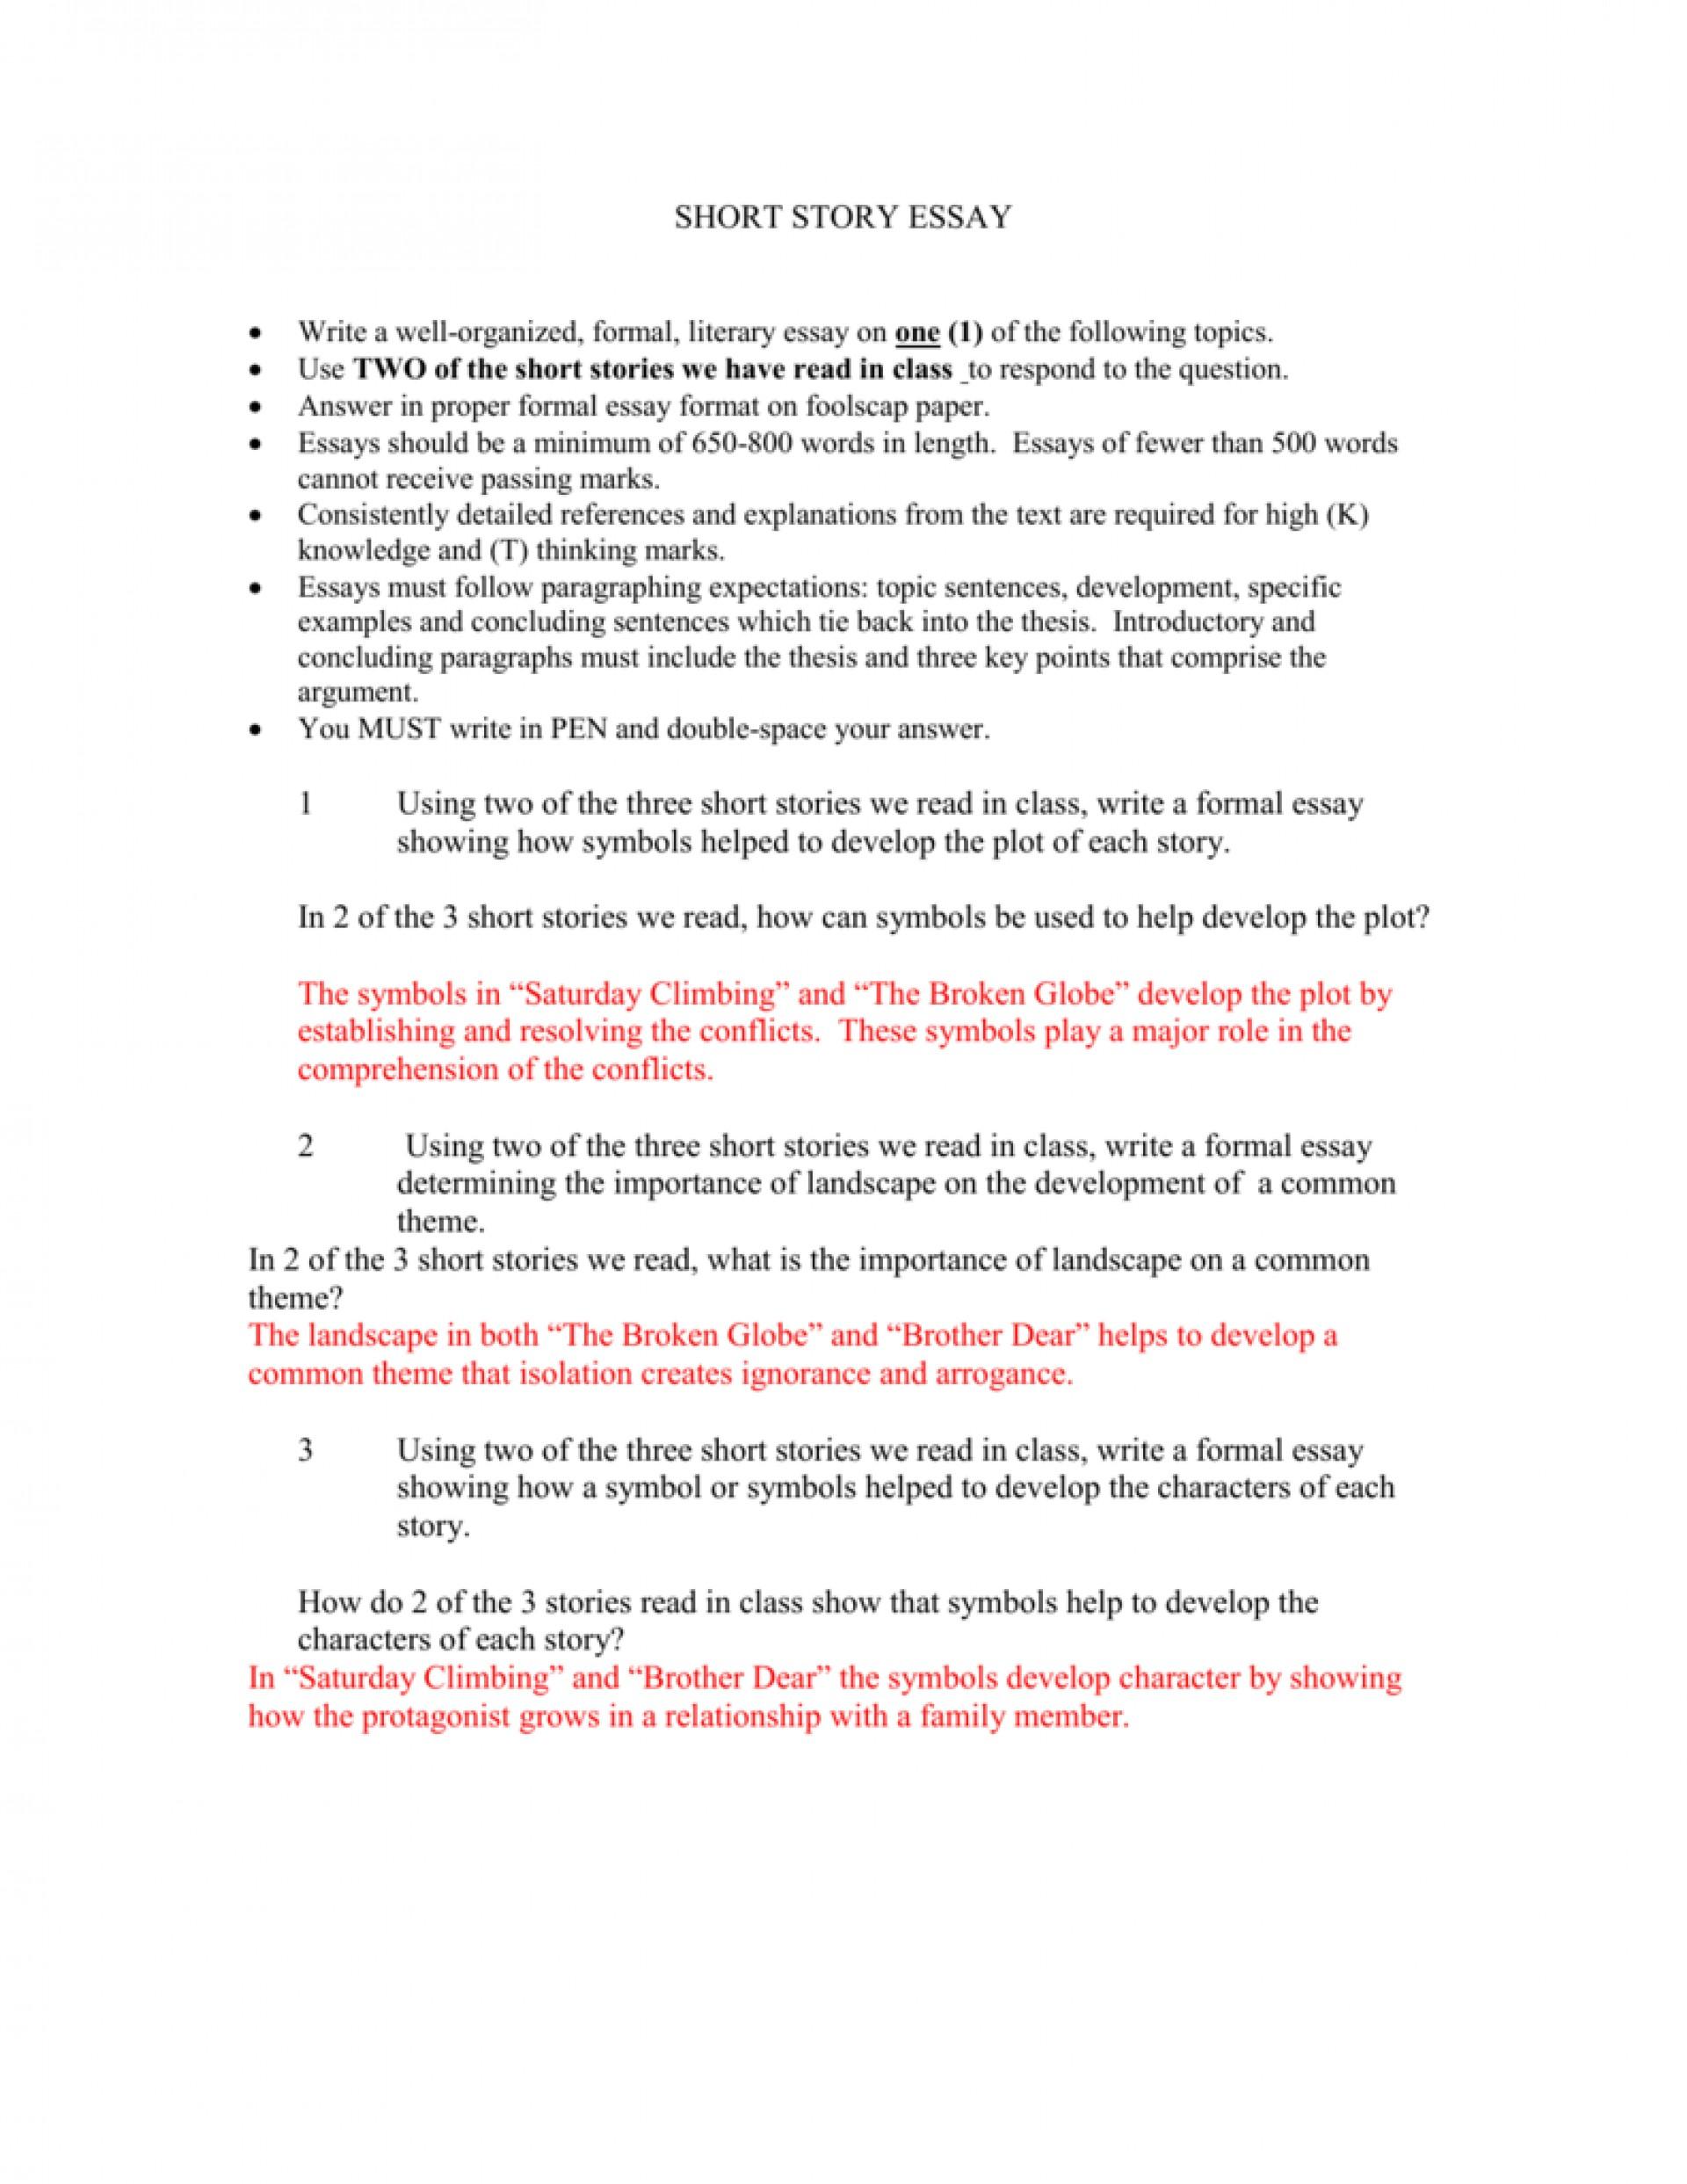 1920s essay topics